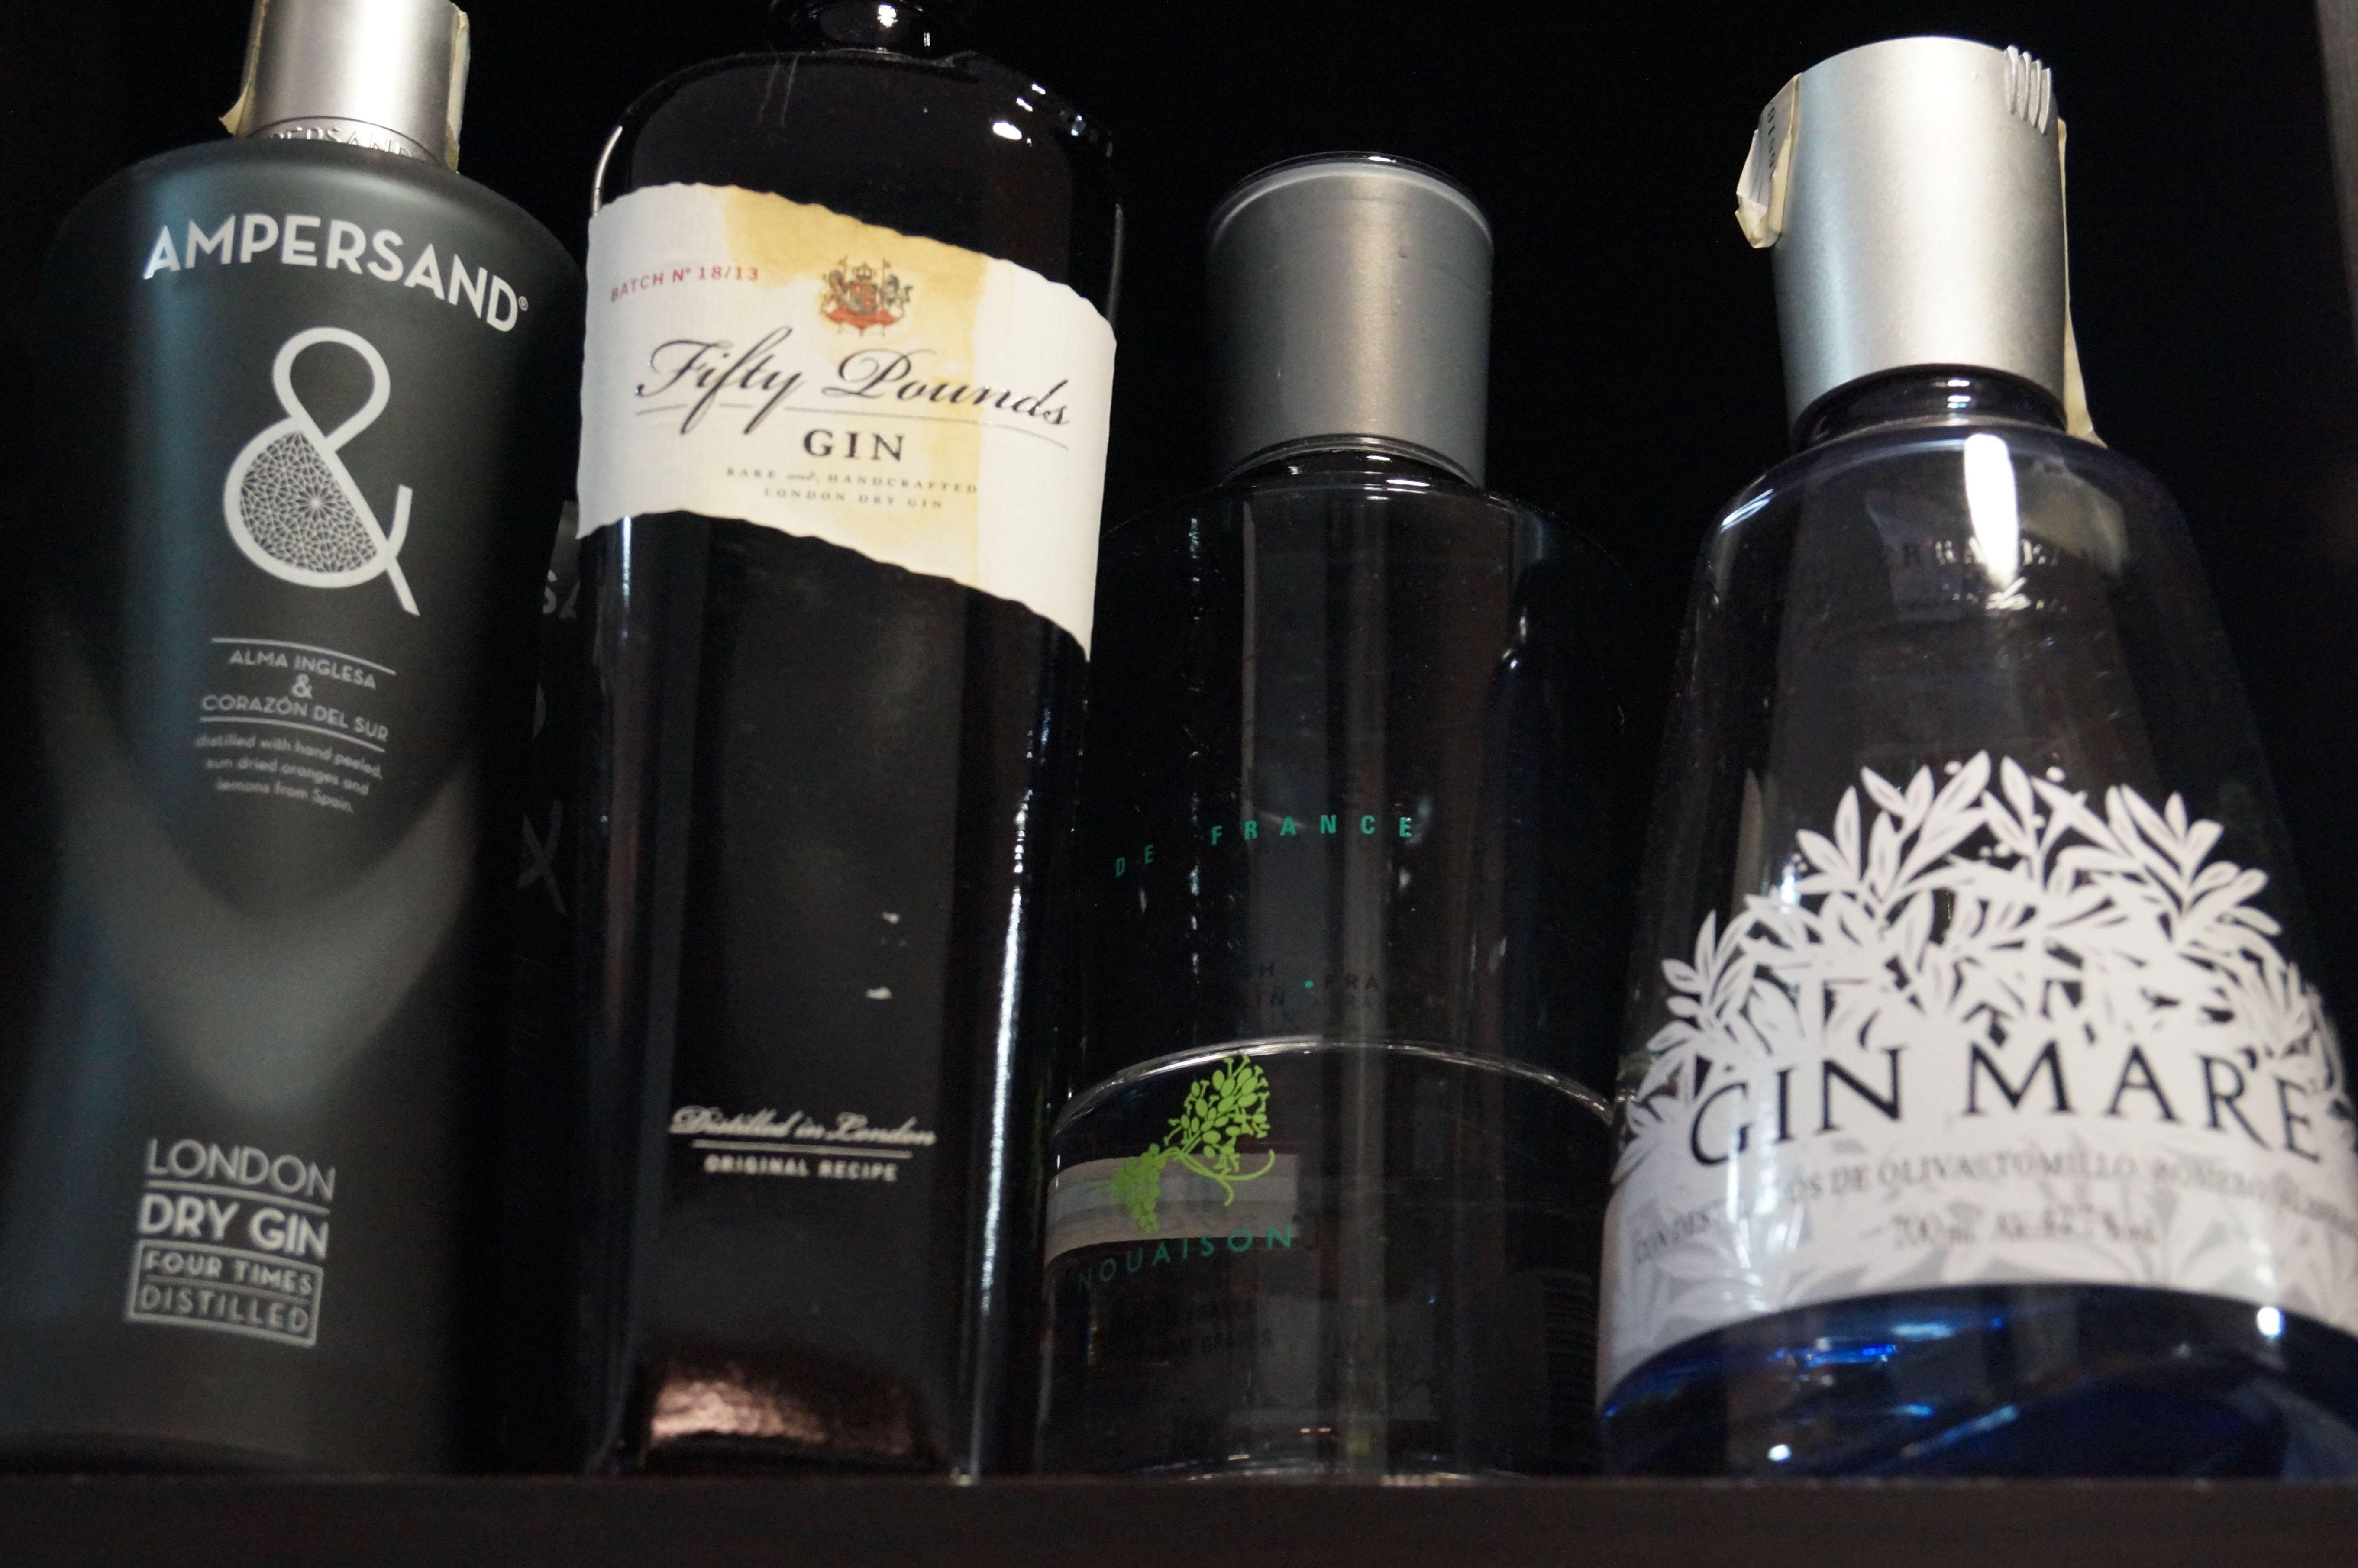 especialidad en gin tonic.